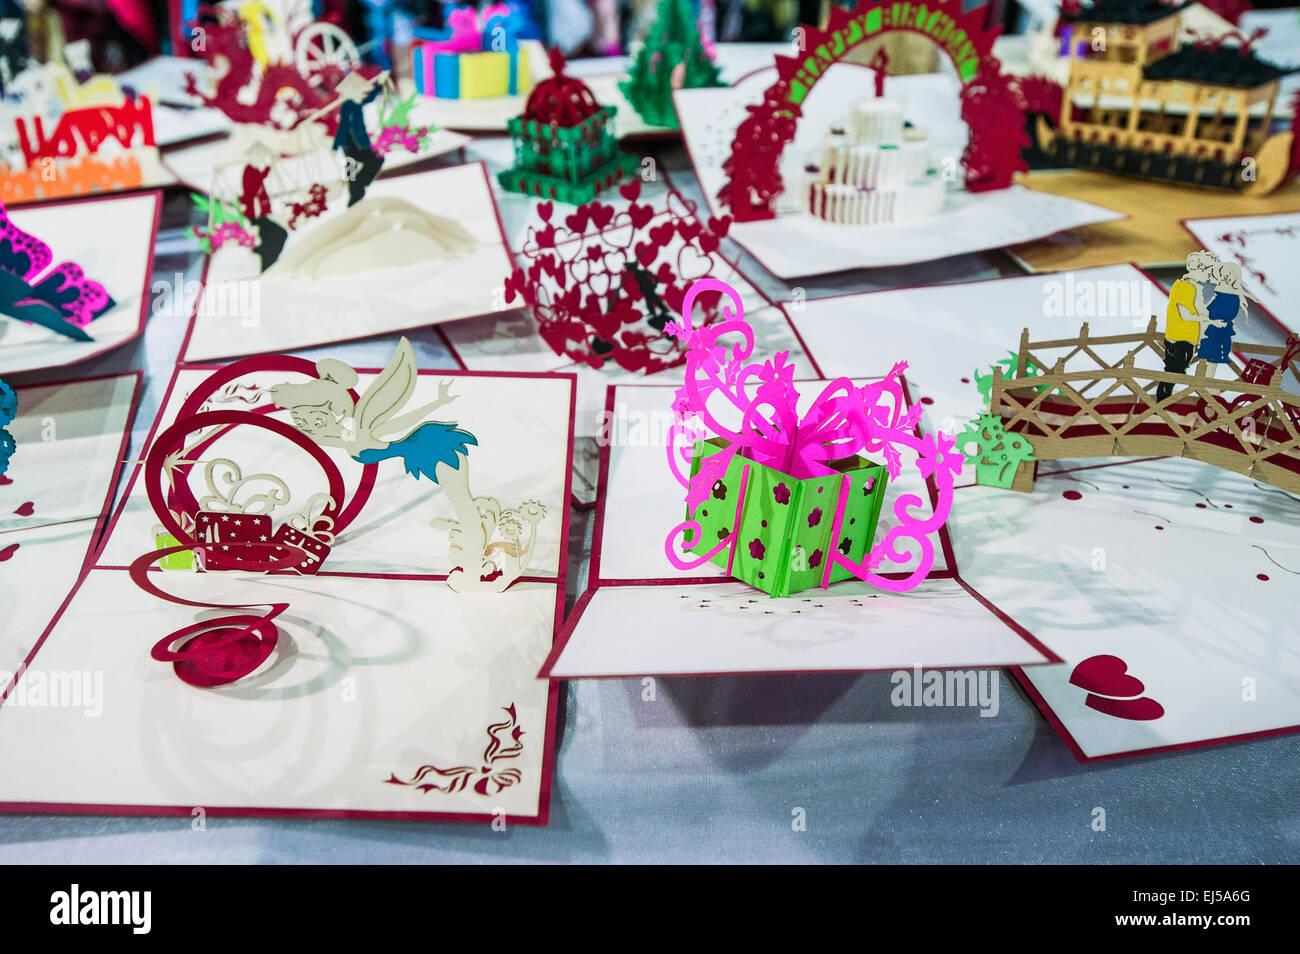 Turín, Italia. 20 de marzo de 2015. Feria de Lingotto 'Festival dell'Oriente' desde el 20 hasta el 22 de marzo de 2015 y del 27 al 30 de marzo de 2015 - 20 de marzo de 2015 - La artesanía vietnamita. Crédito: Realmente fácil Star/Alamy Live News Foto de stock